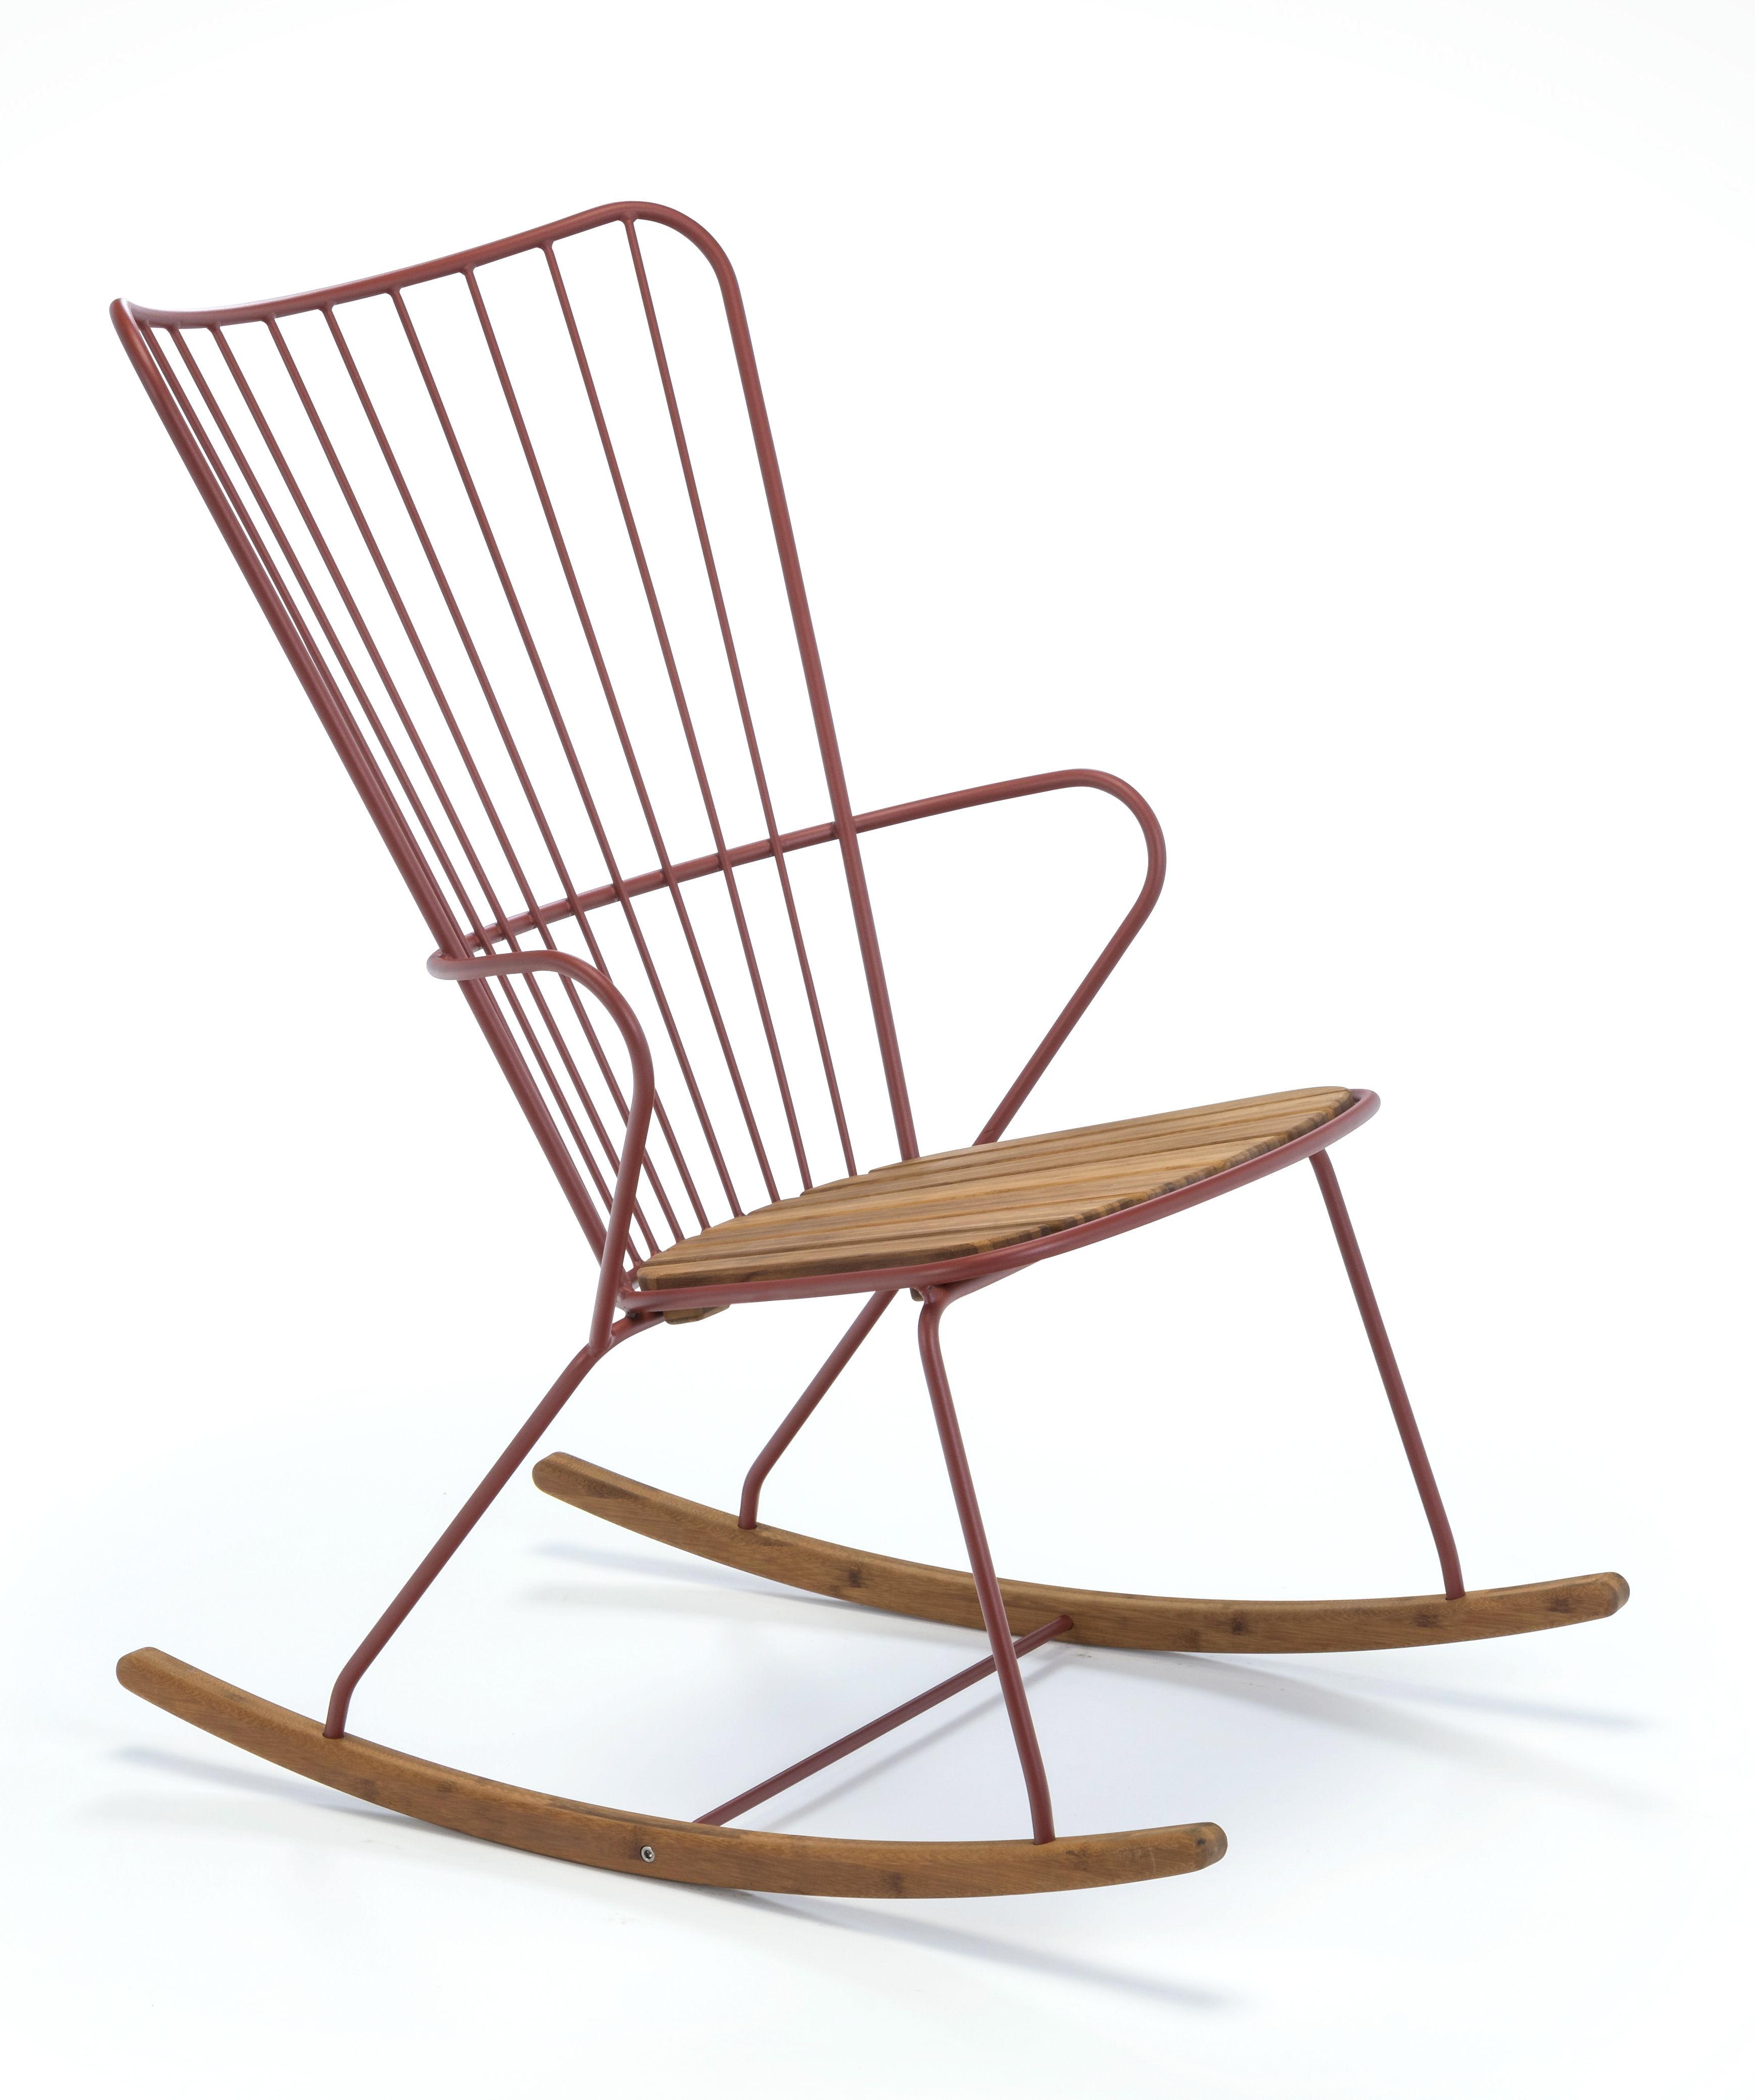 Interni - Oggetti déco - Rocking chair Paon - / Metallo & bambù di Houe - Paprika - Acier revêtement poudre, Bambù